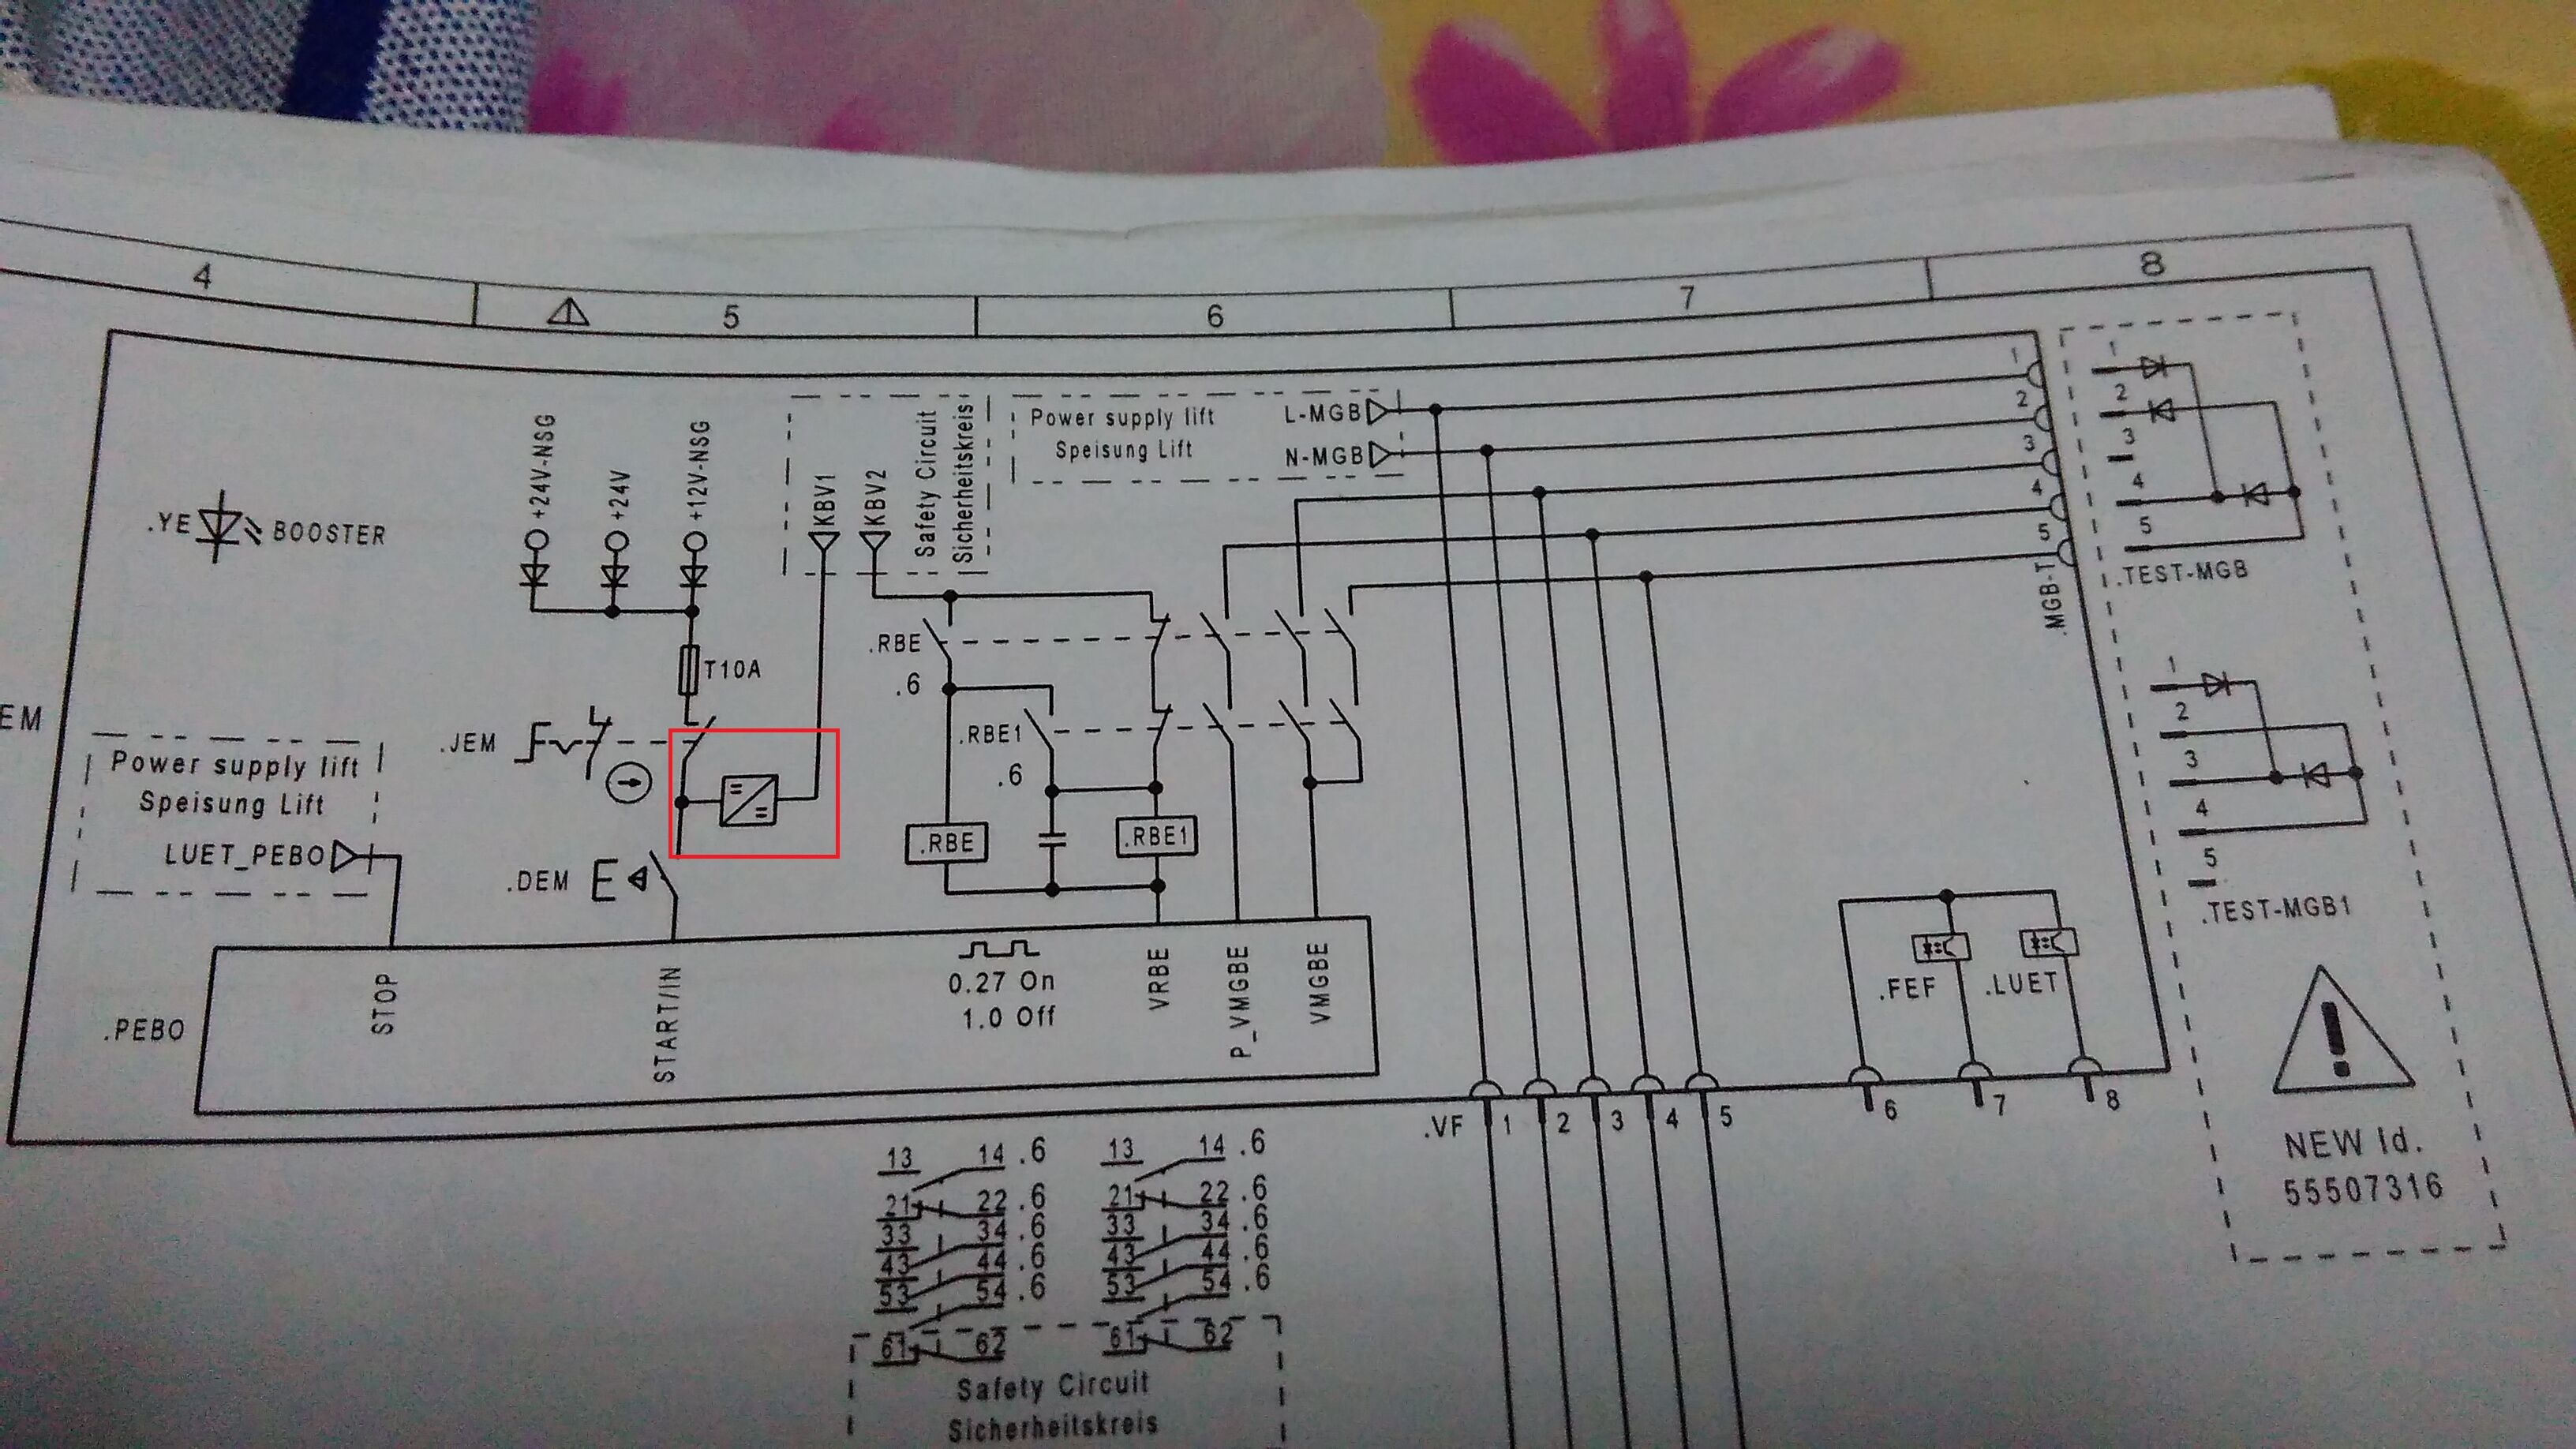 请问这个电路板图纸符号是代表什么啊?